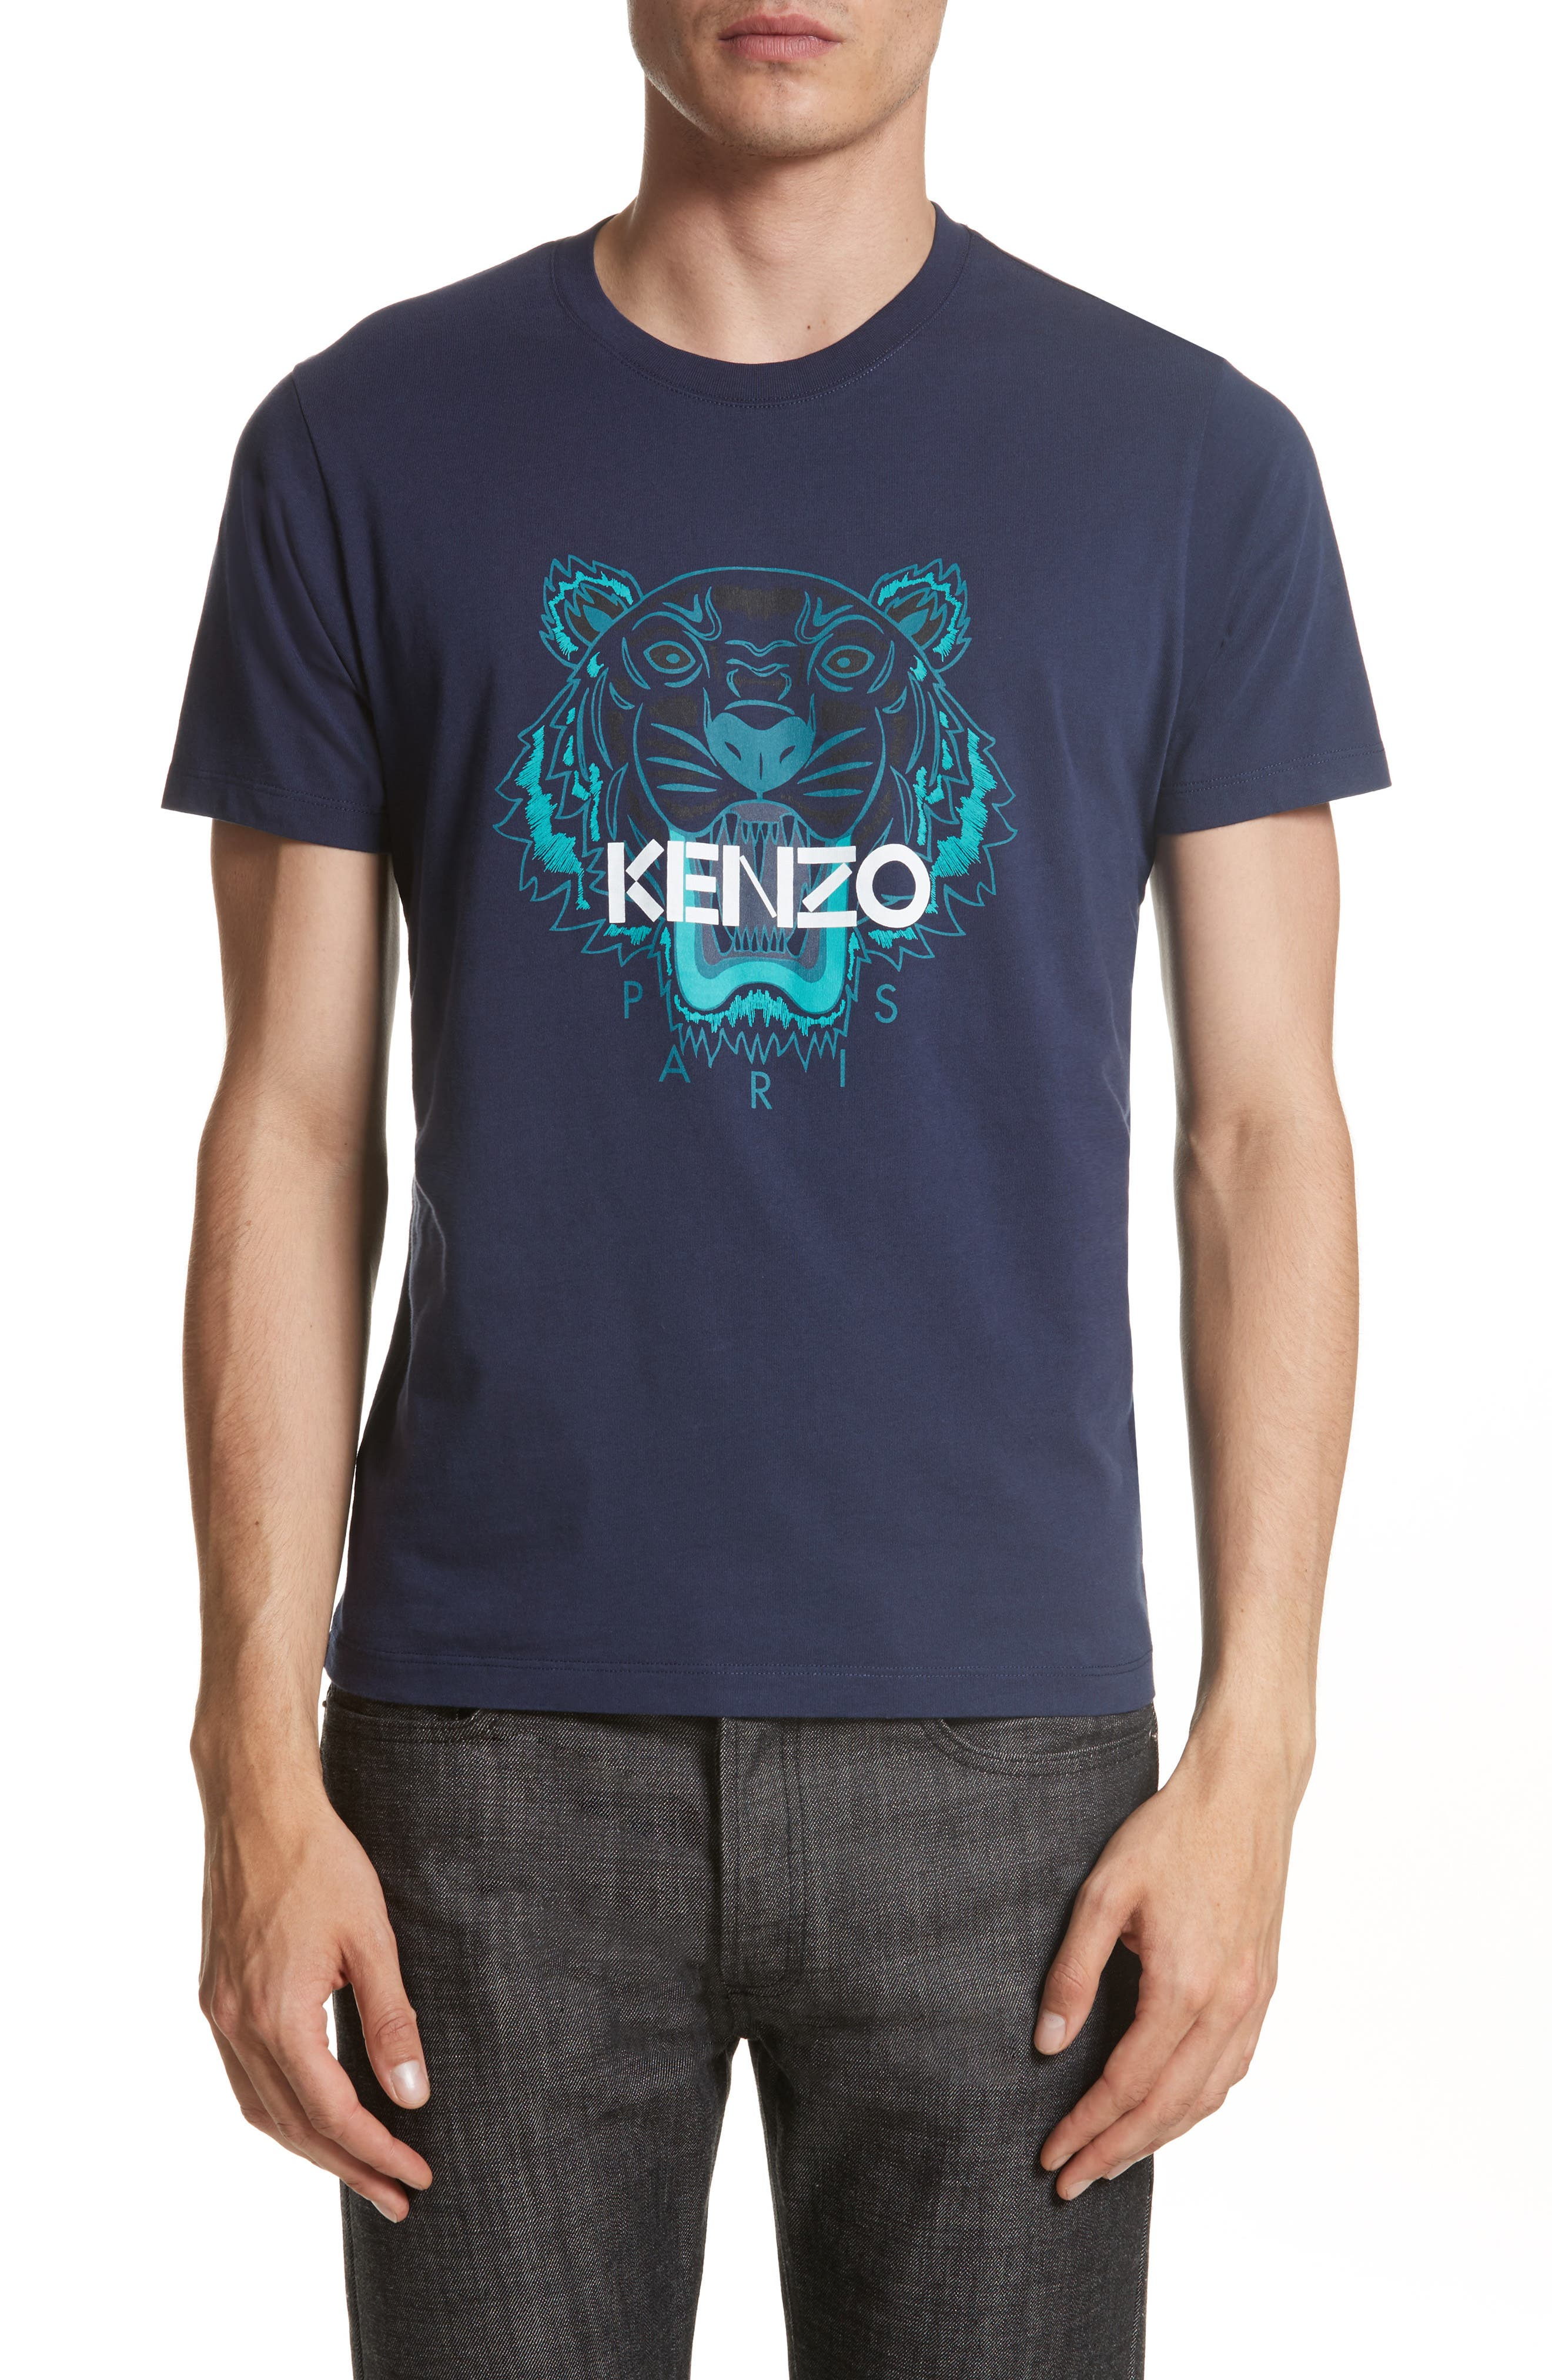 KENZO Graphic T-Shirt